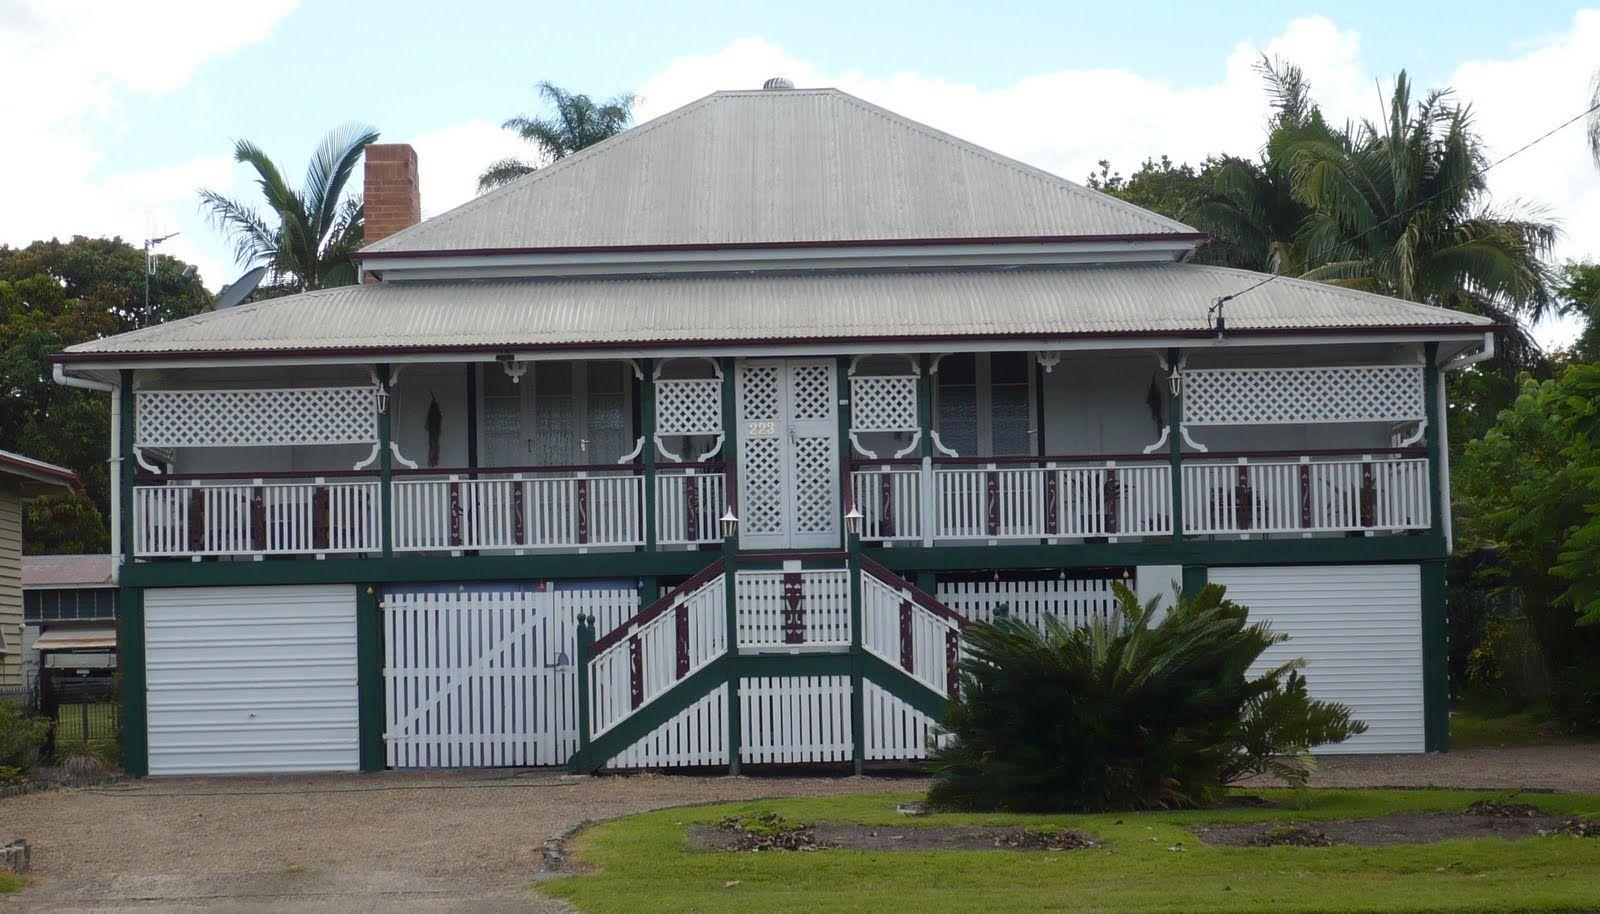 Old queenslander home pinterest low for Queenslander home designs australia